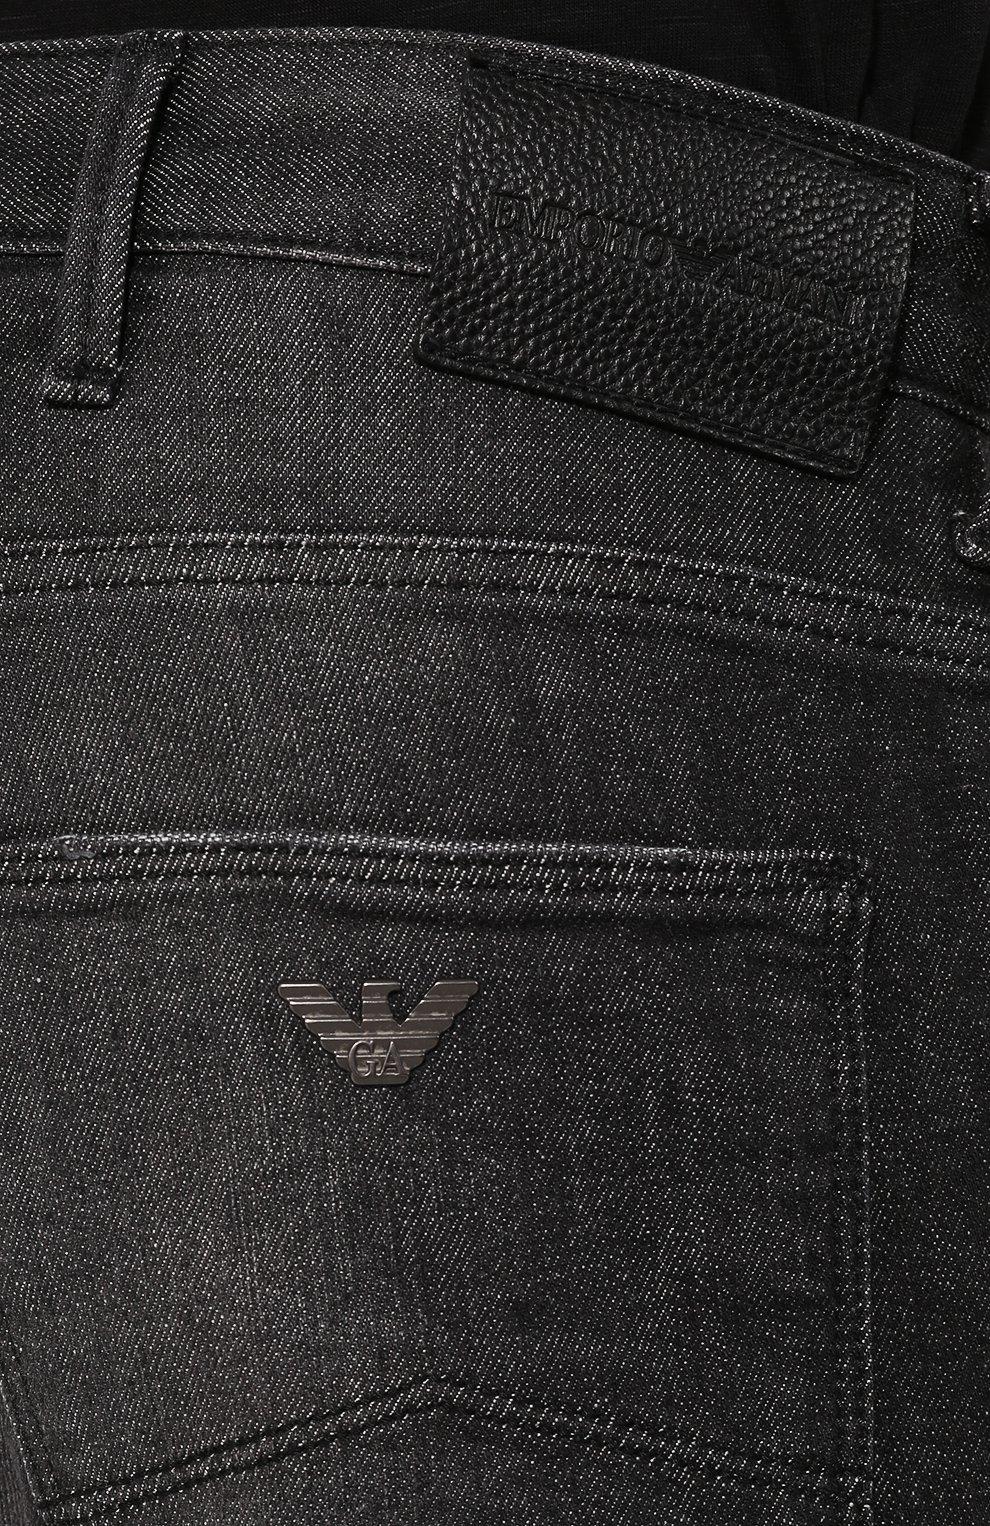 Мужские джинсы прямого кроя EMPORIO ARMANI серого цвета, арт. 8N1J06/1DT5Z | Фото 5 (Силуэт М (брюки): Прямые; Длина (брюки, джинсы): Стандартные; Материал внешний: Хлопок)